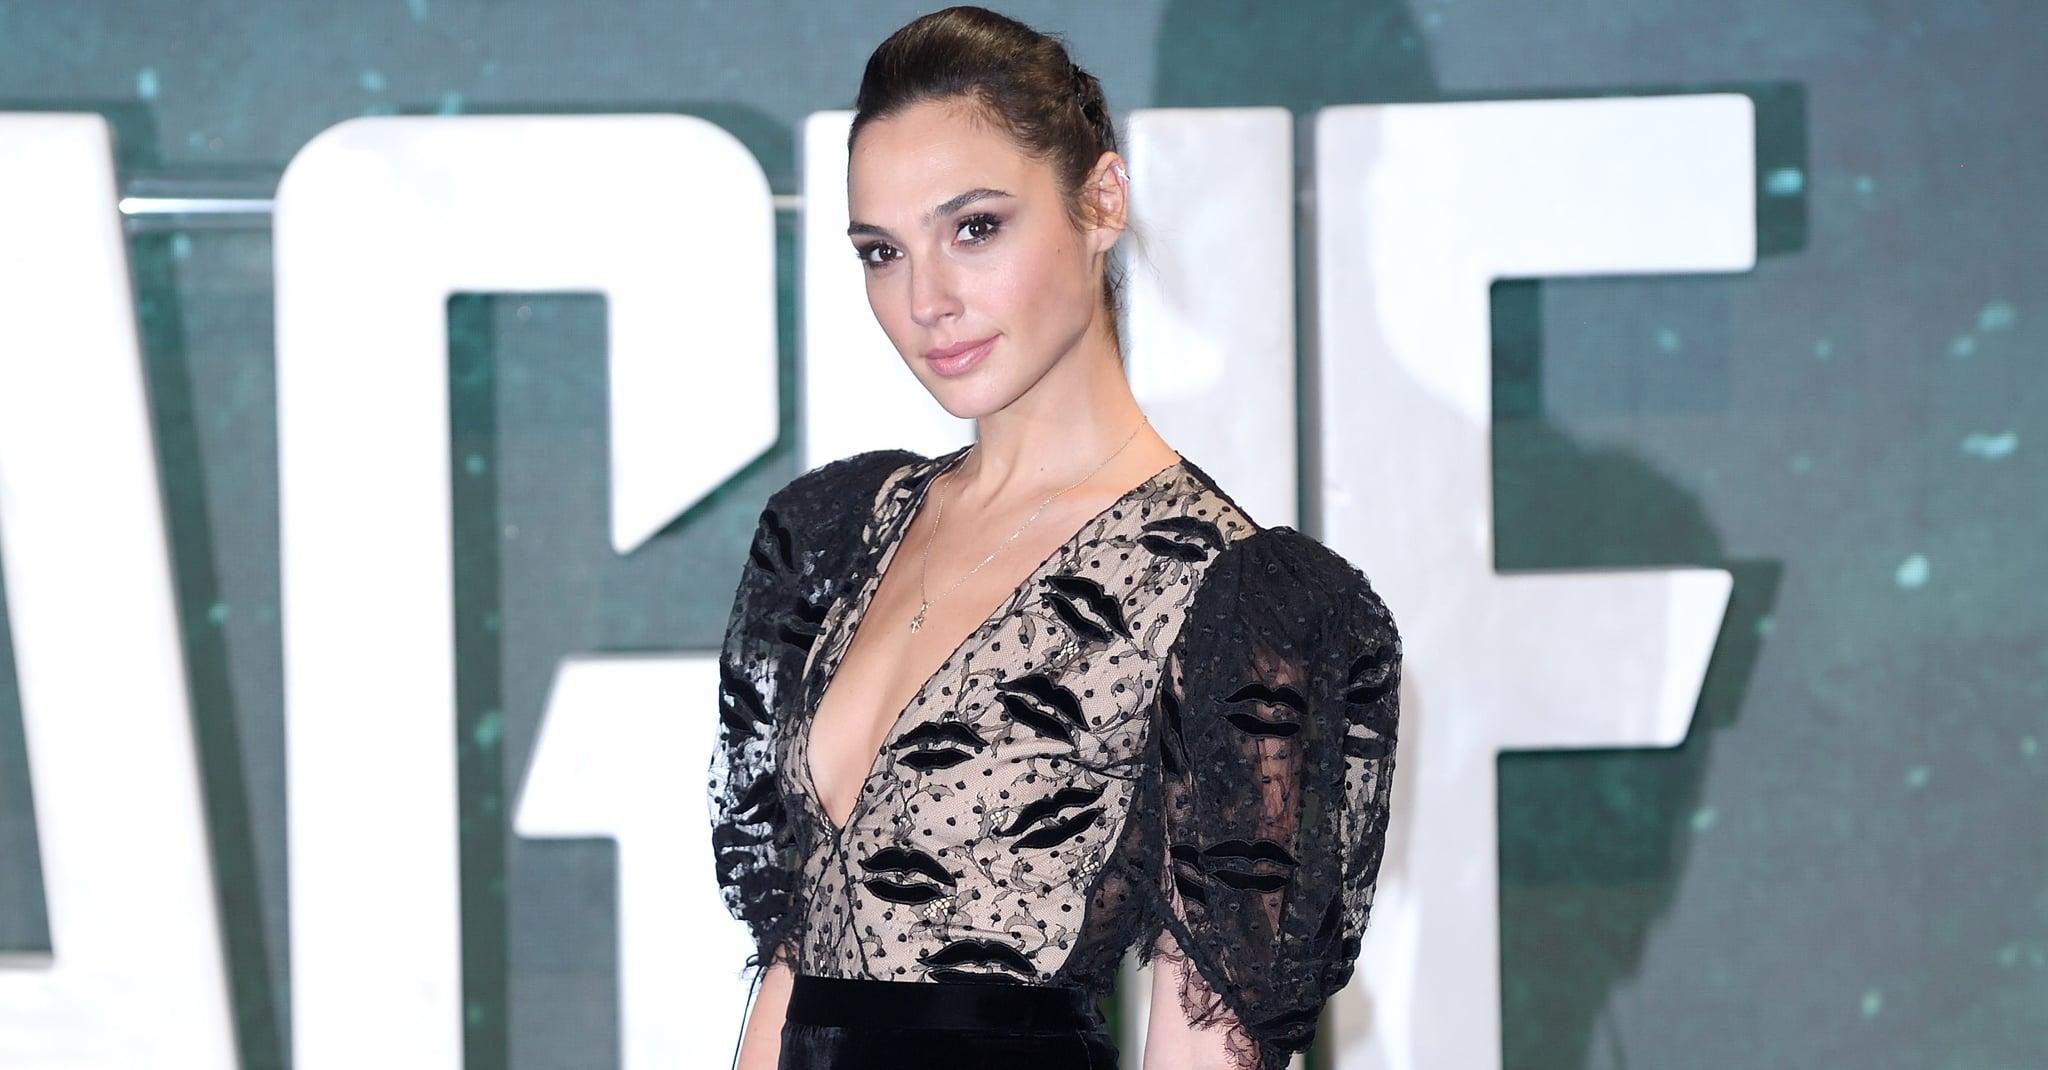 Sexual harassment actress gadot